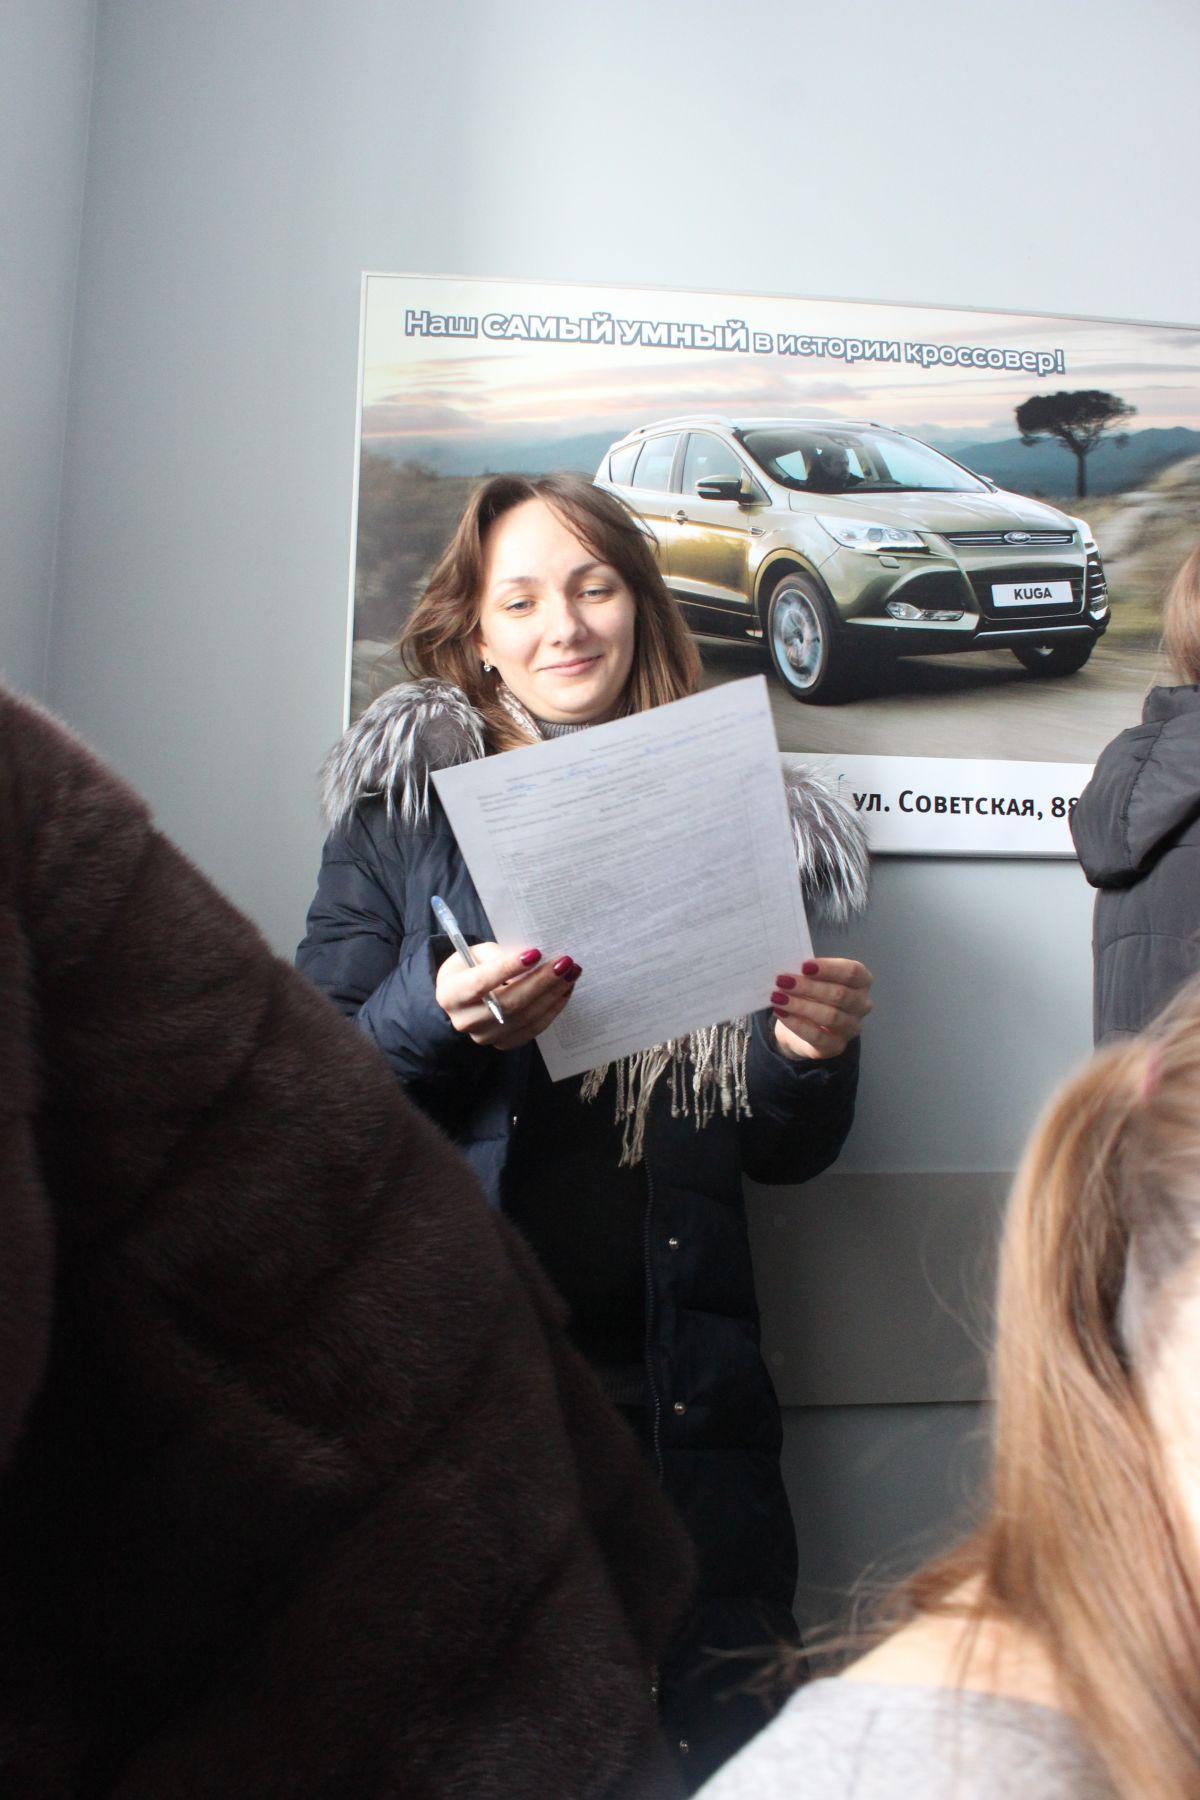 С 1 апреля 2021 г. вступают новые правила сдачи экзаменов на водительские права. Автошкола АНО ДПО УМИТЦ